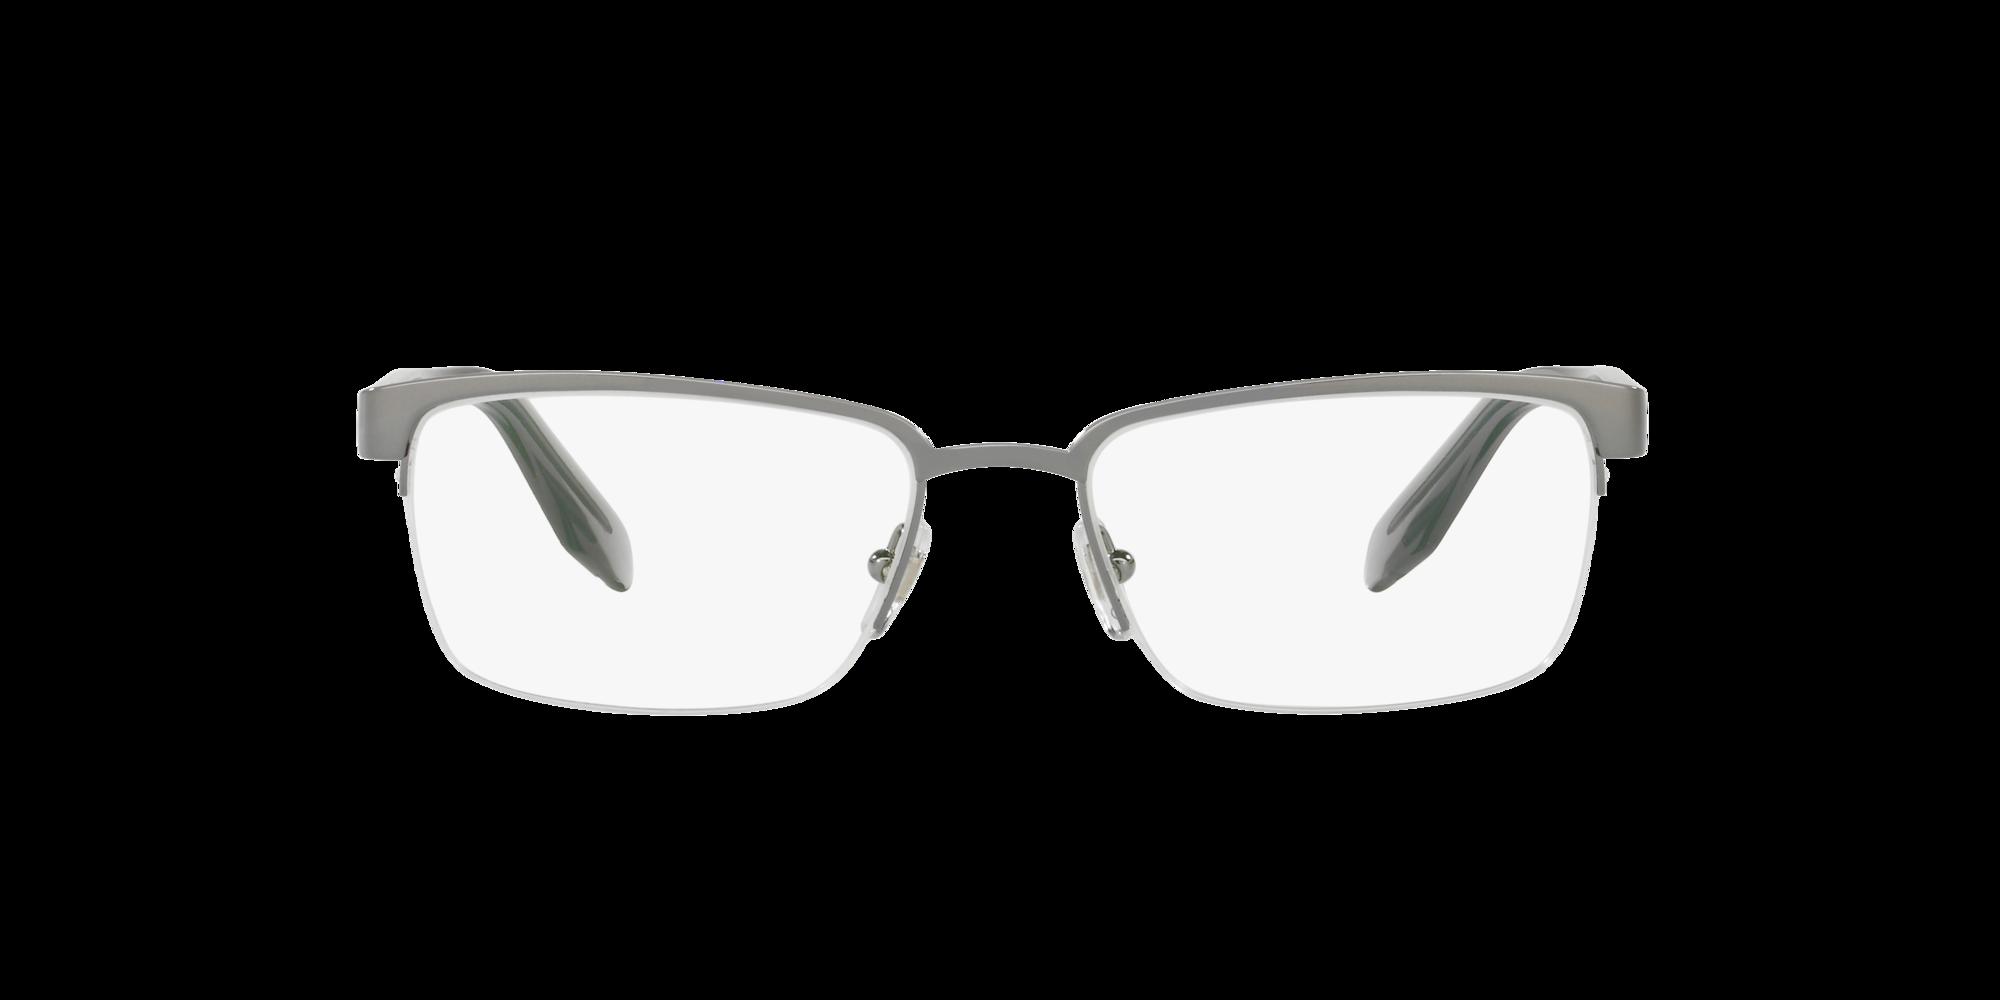 Imagen para VE1241 de LensCrafters    Espejuelos, espejuelos graduados en línea, gafas